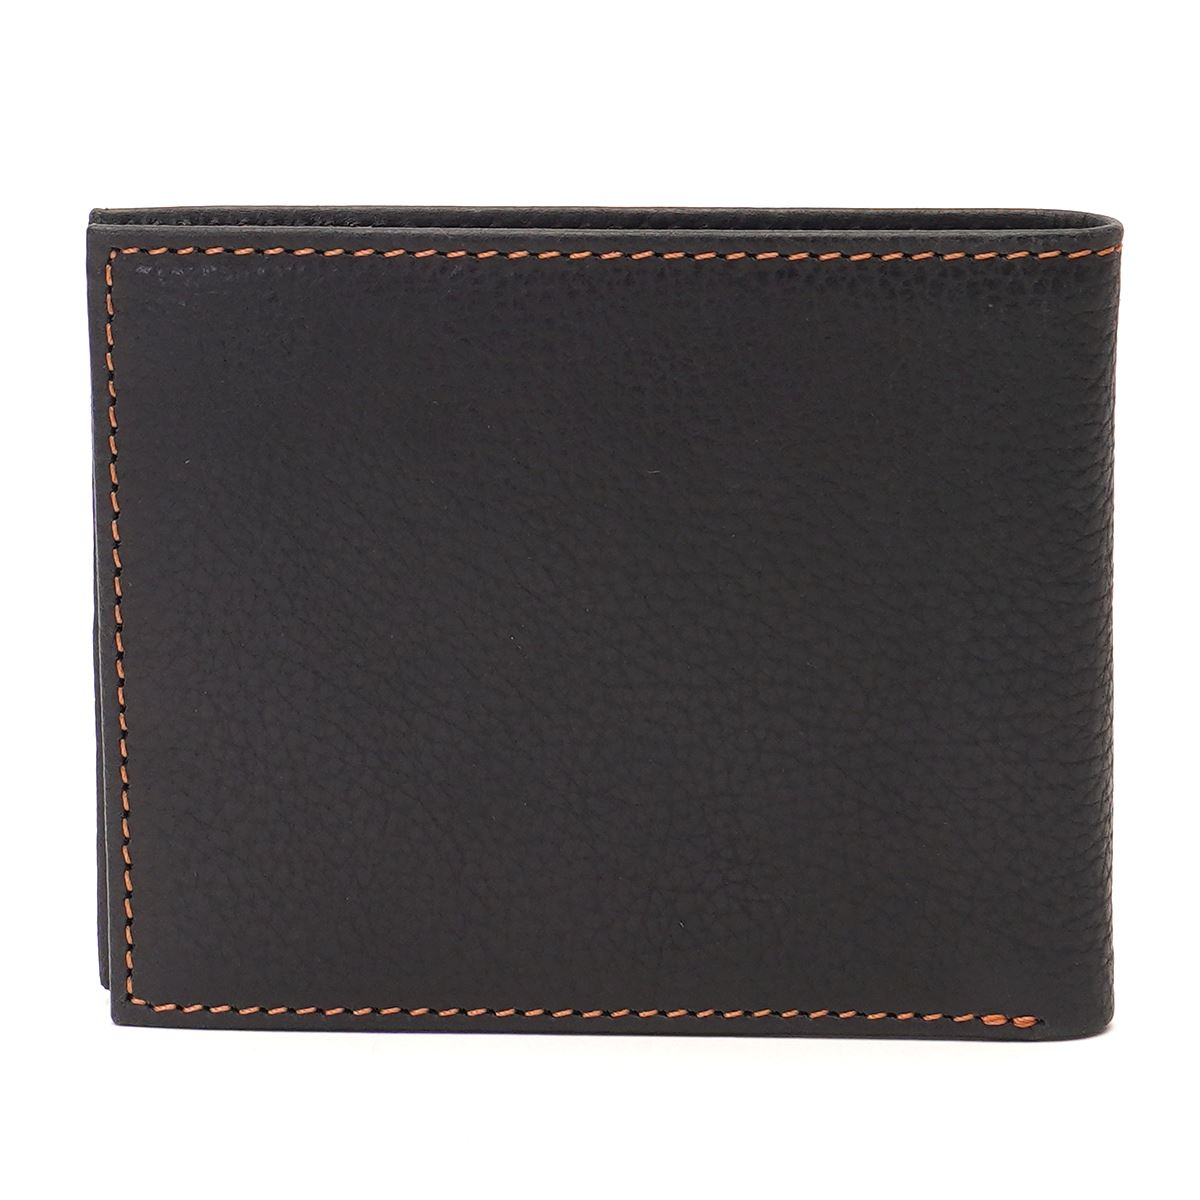 Tommy Hilfiger Leather Mens Solid Black Flynn Slimfold Wallet